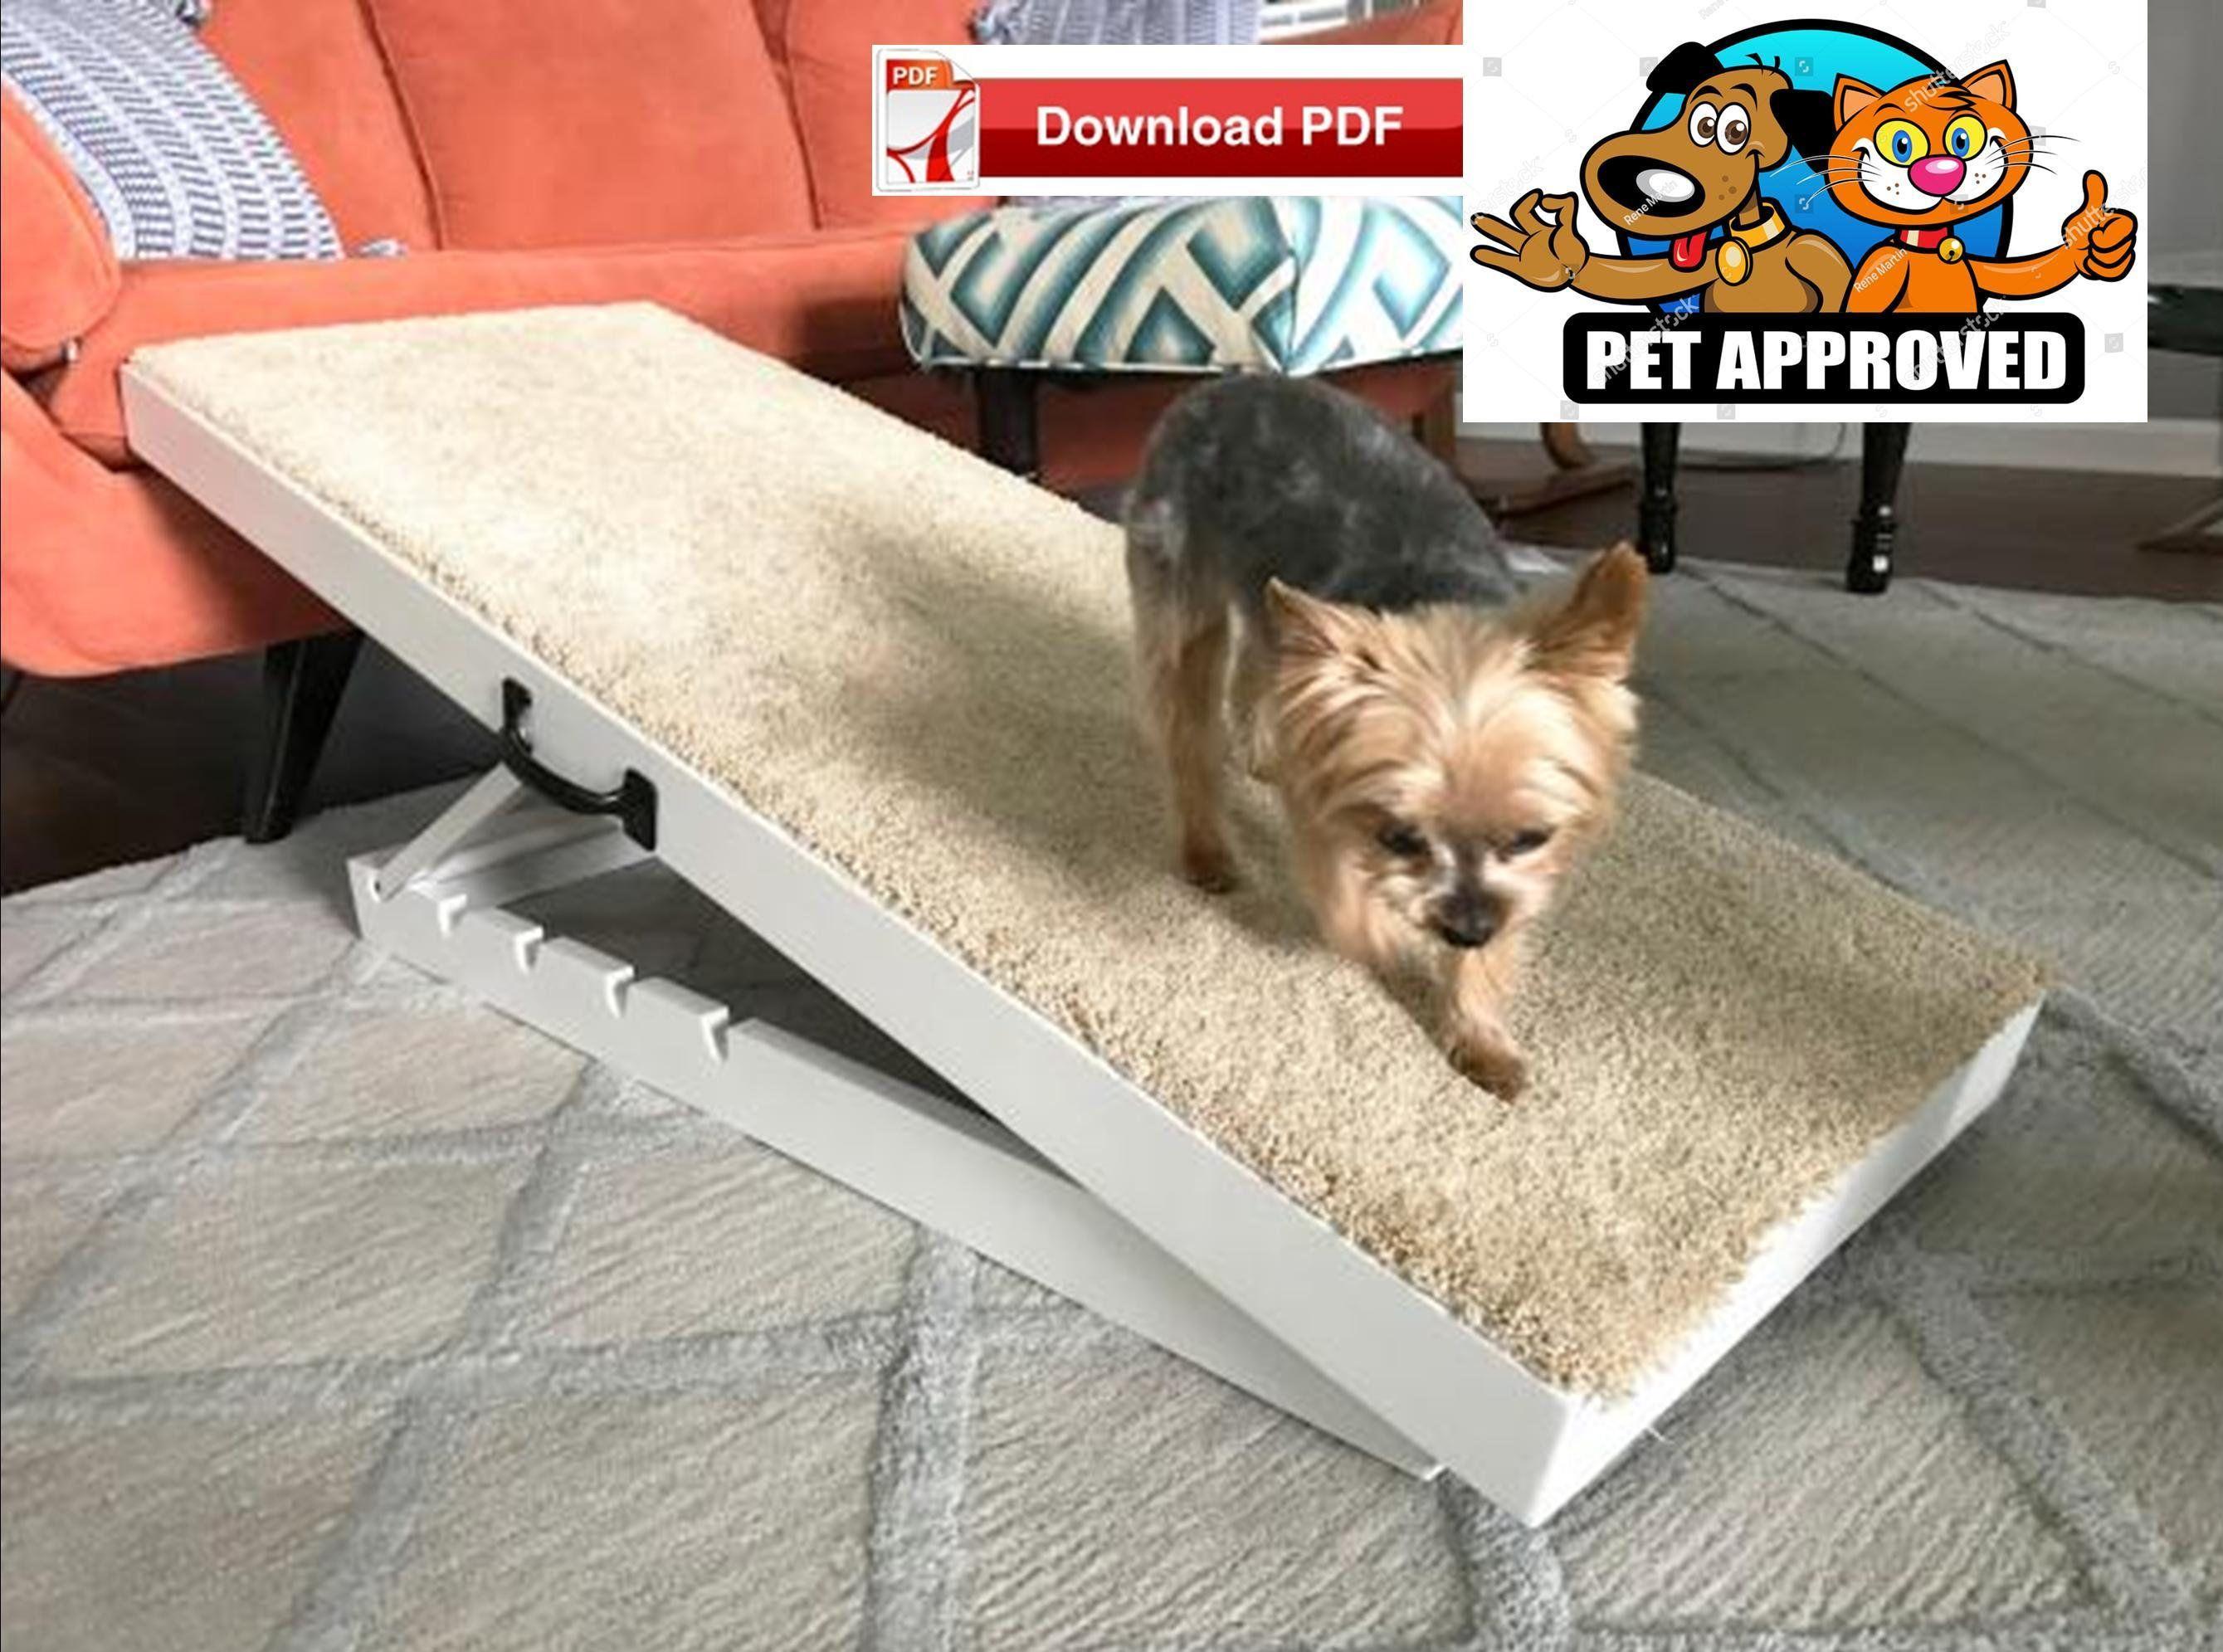 Adjustable Pet Ramp Plan Dog Ramp Plan Animal Ramp Plan Cat Etsy Dog Ramp Diy Pet Ramp Dog Ramp